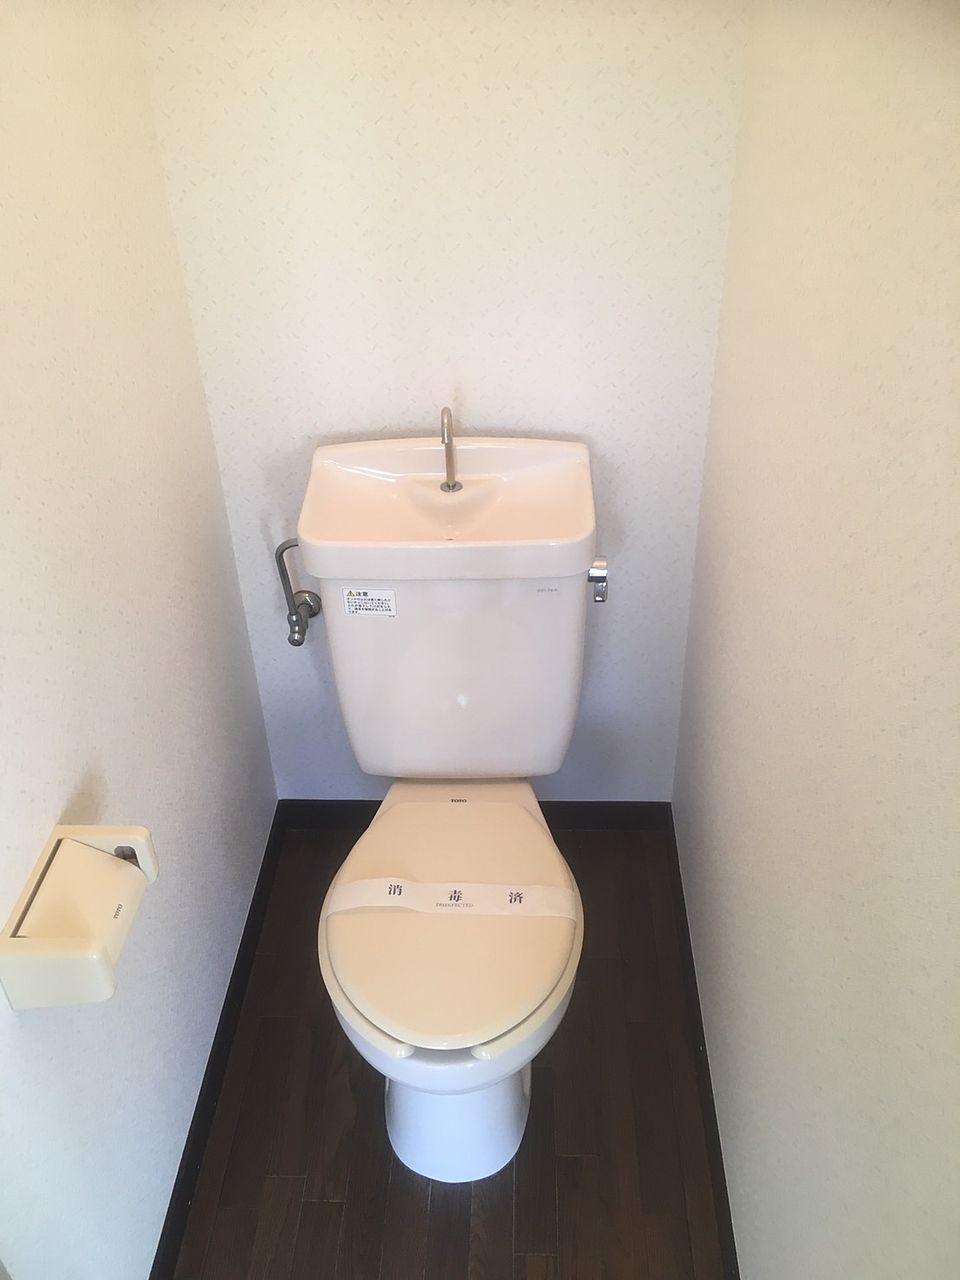 コーポむさしの208号室トイレ 1DK バストイレ別 バイク置場あり